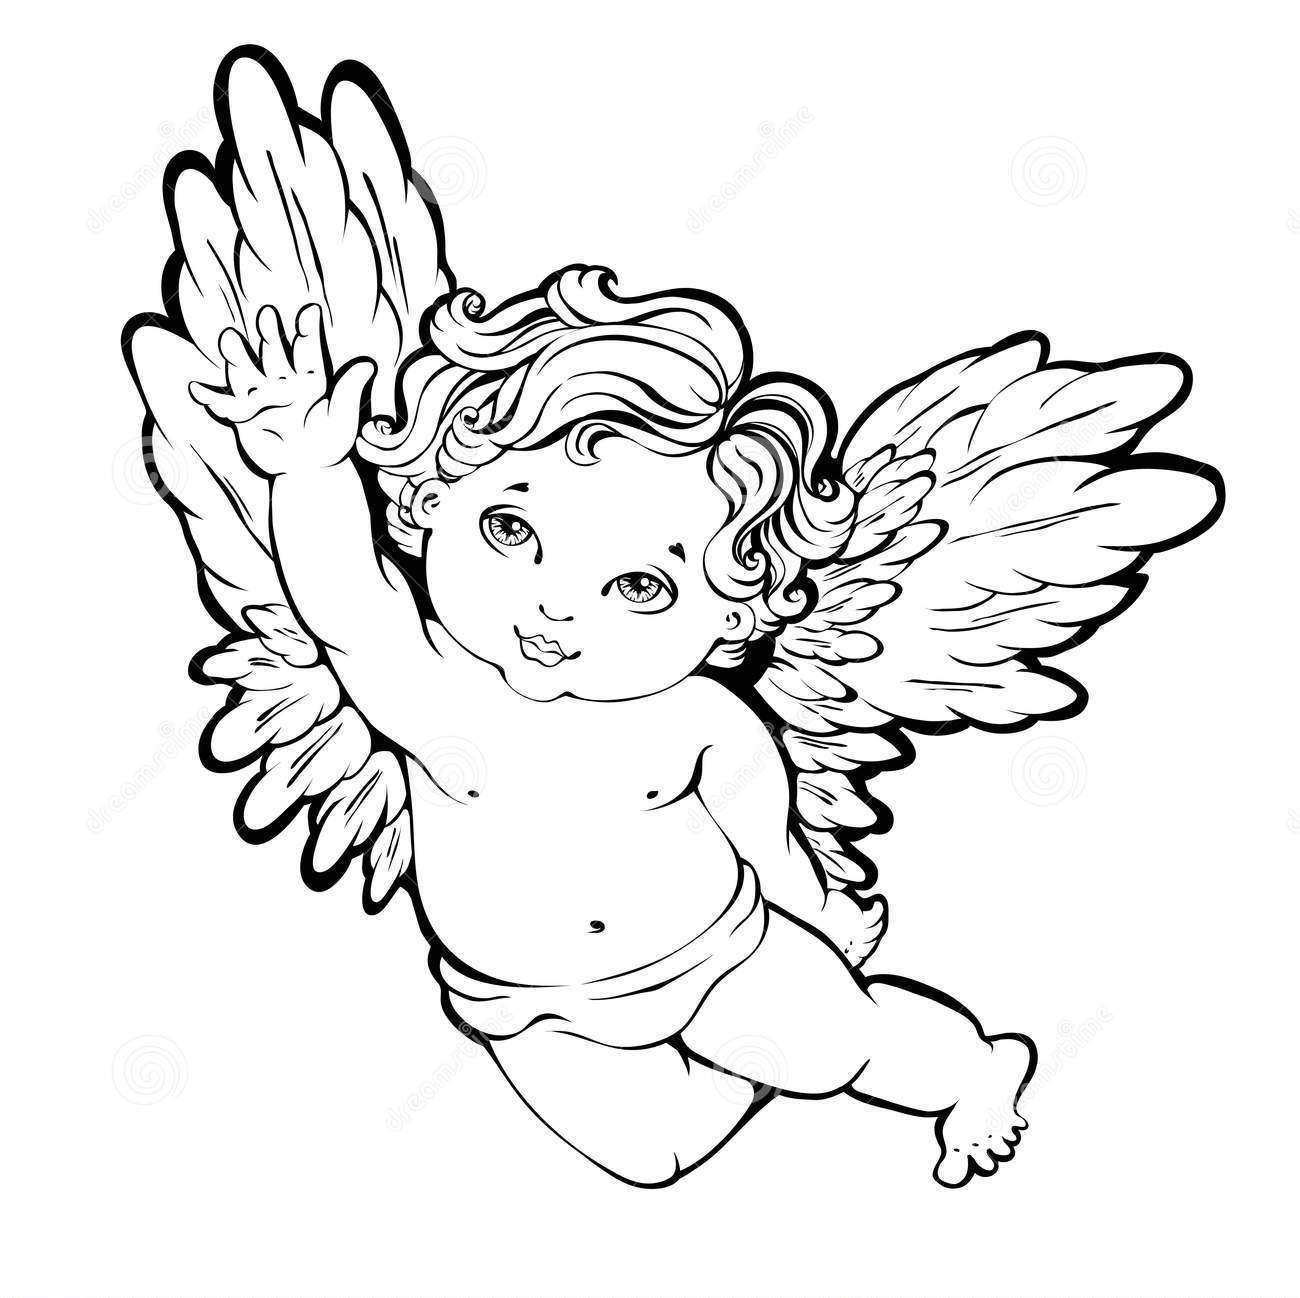 Шаблон ангелочка для рисования или вырезания, пример 1